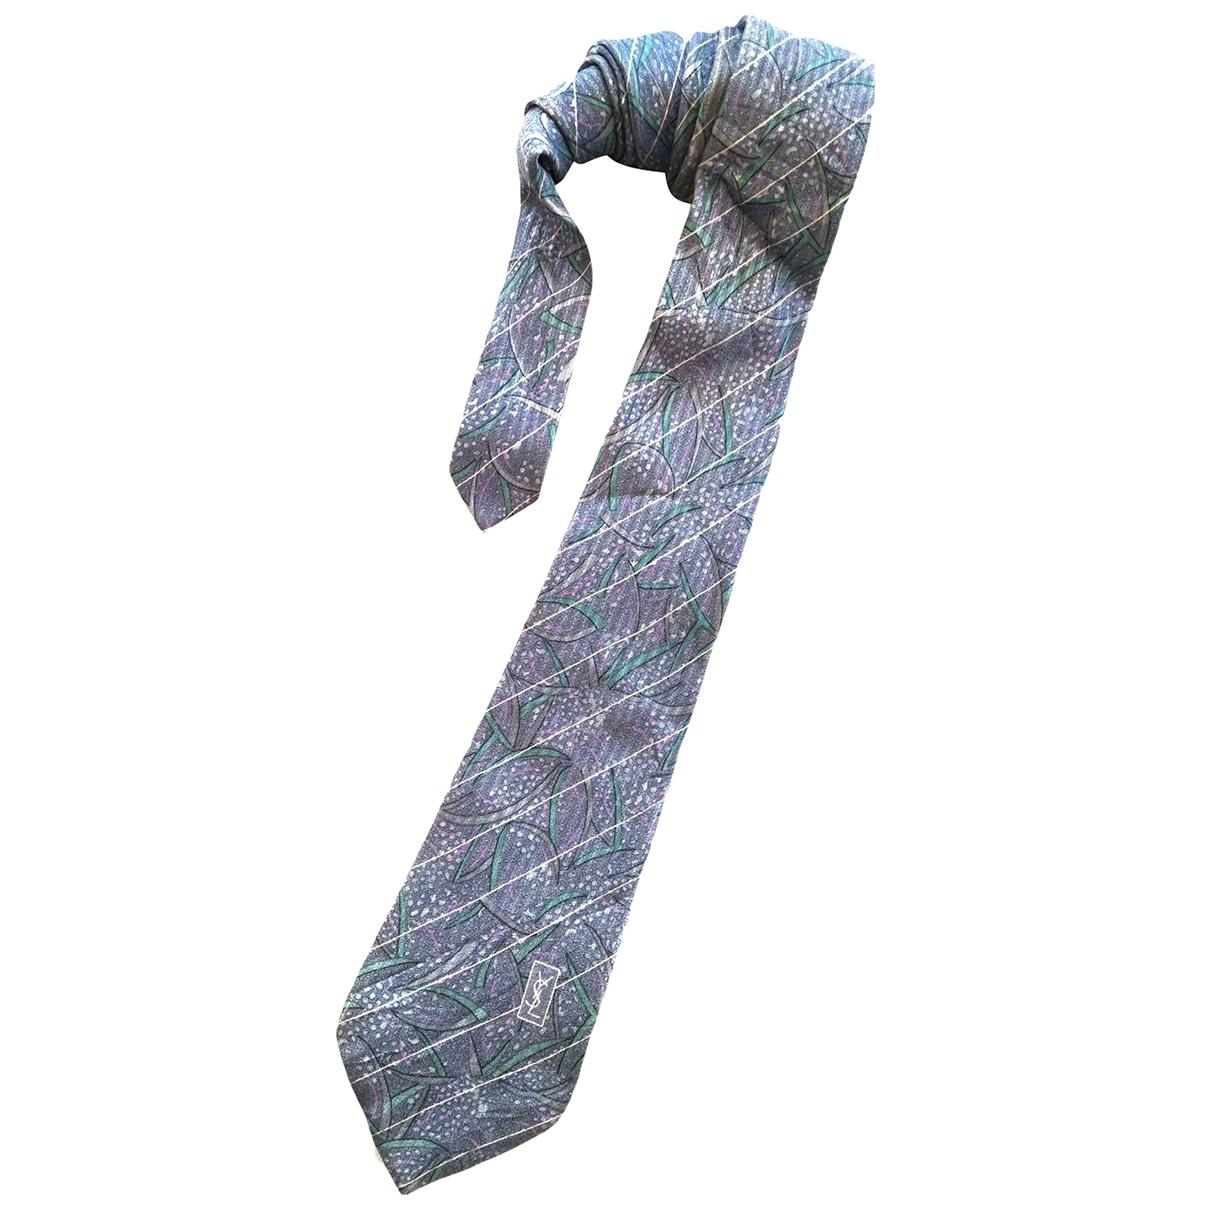 Yves Saint Laurent - Cravates   pour homme en soie - bleu